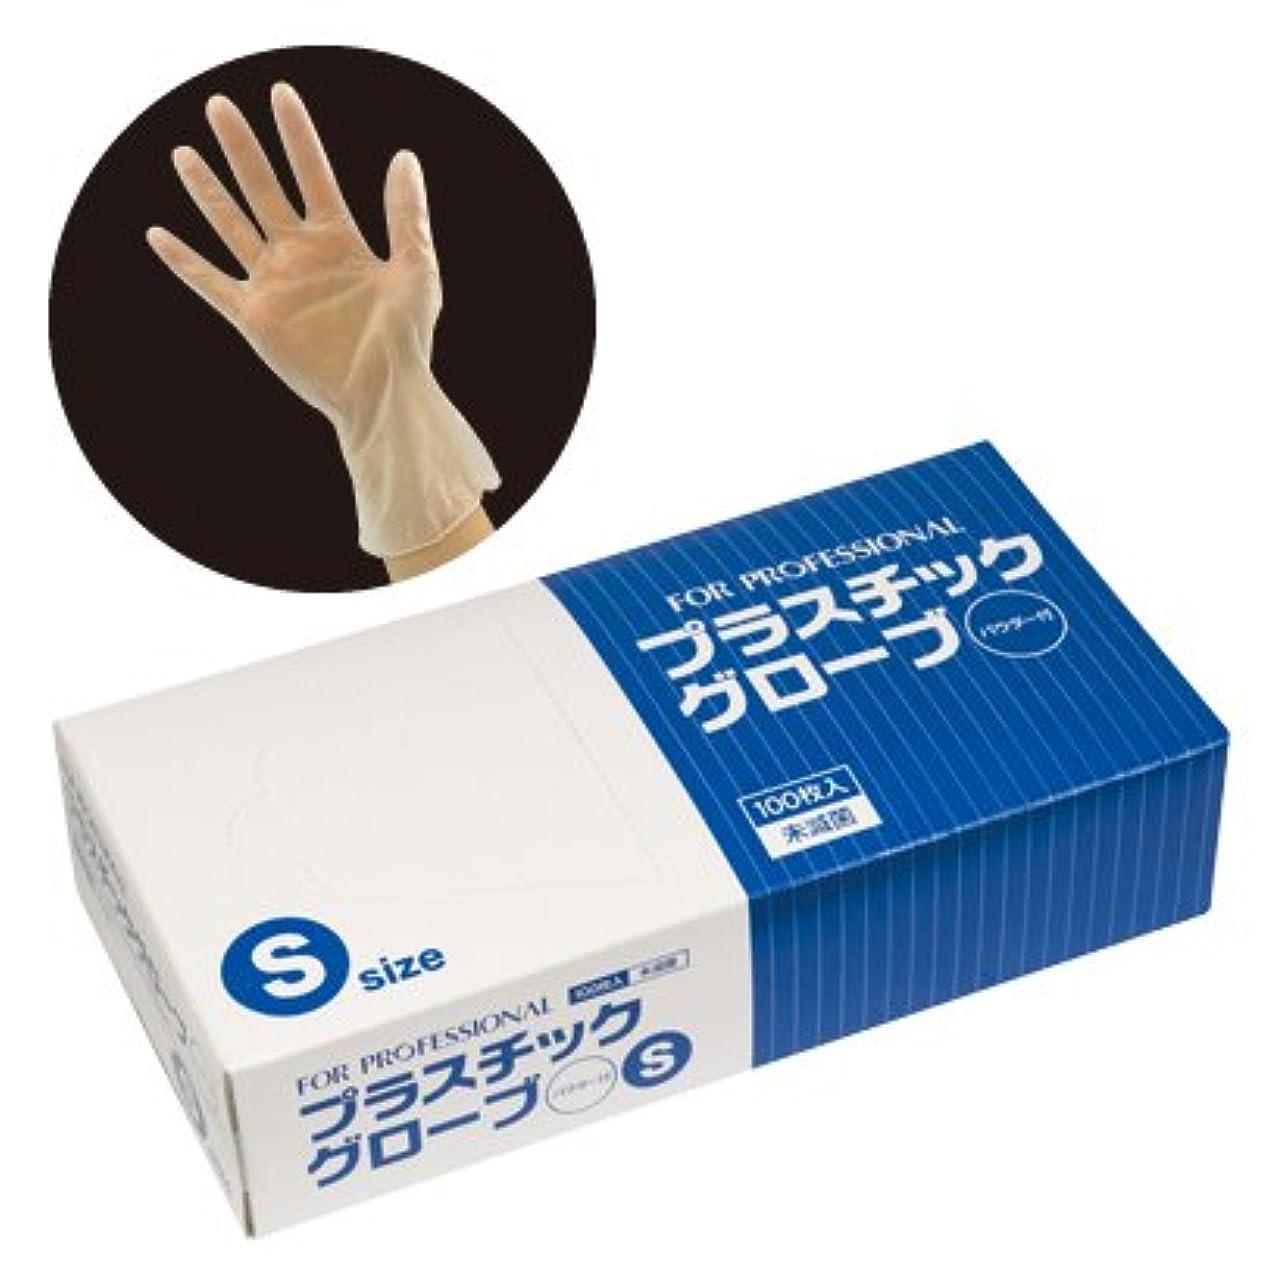 エロチック裁量谷【業務用】 FEED(フィード) プラスチックグローブ(手袋) パウダー付/S カートン (作業用) 100枚入×10ケース (329.4円/1個あたり)